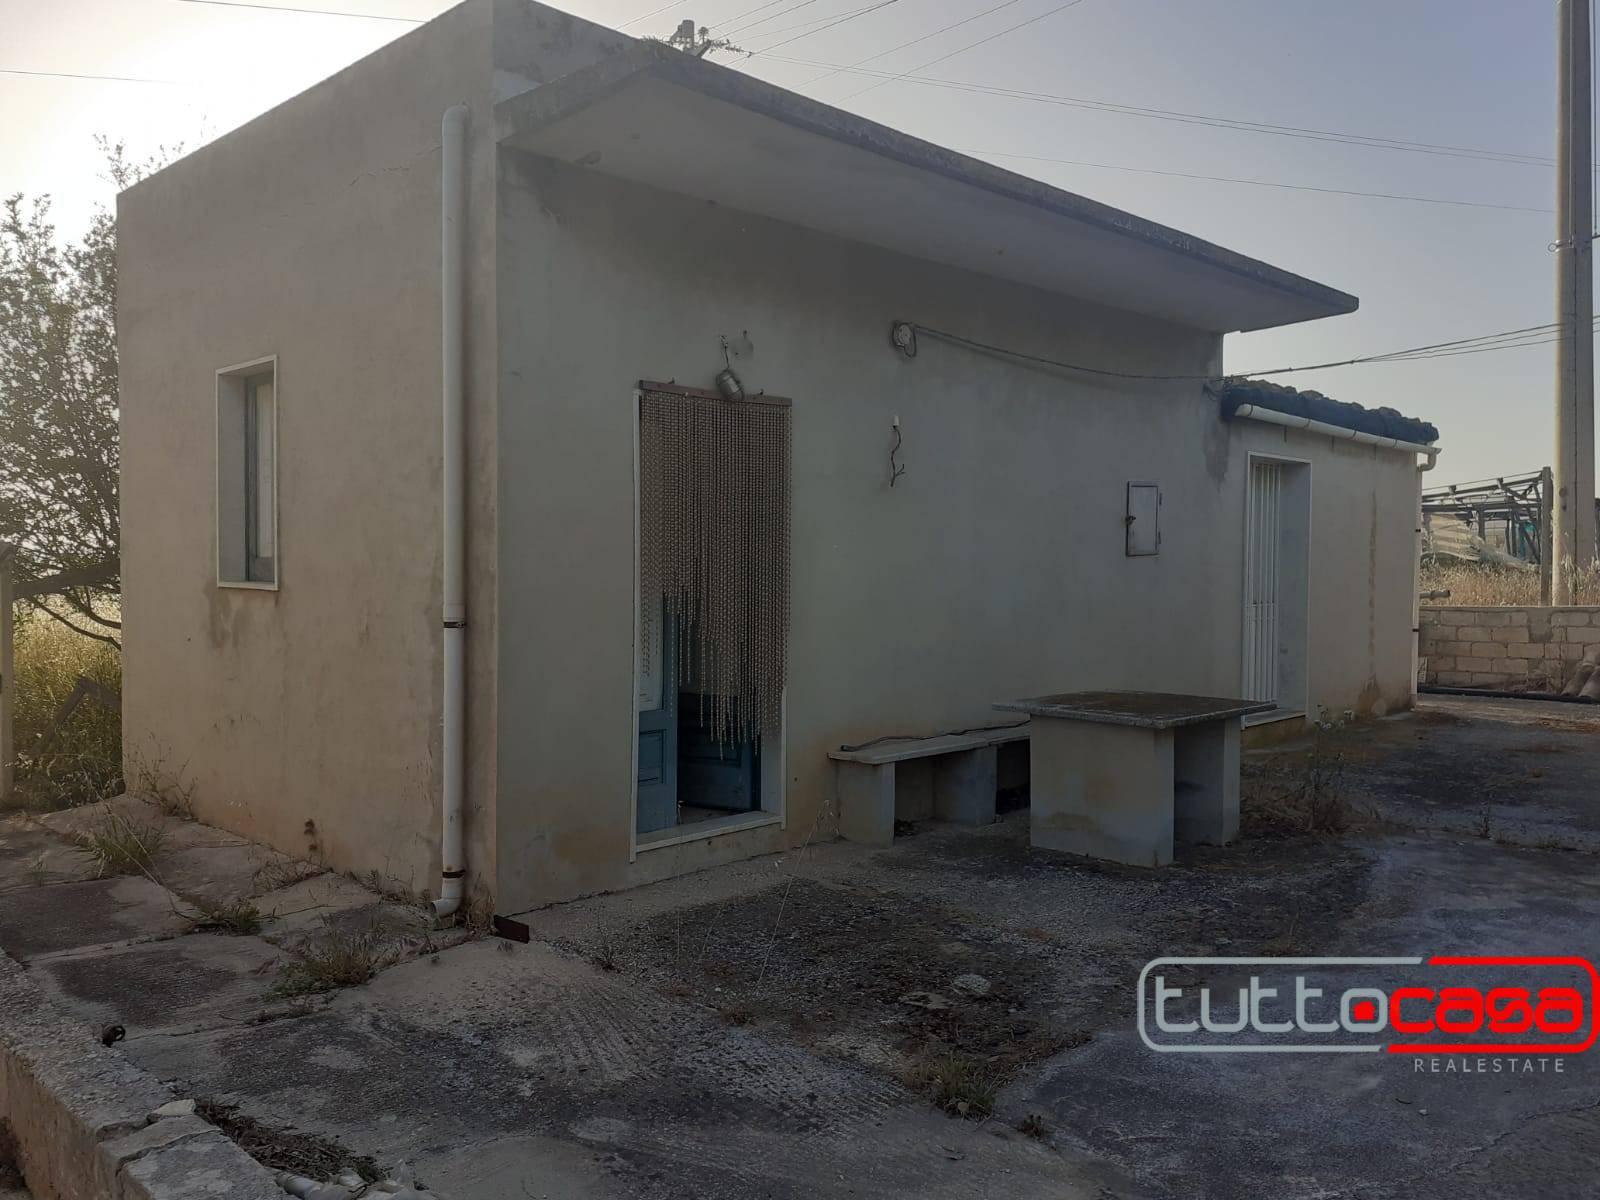 Agriturismo in vendita a Scicli, 3 locali, prezzo € 35.000 | CambioCasa.it